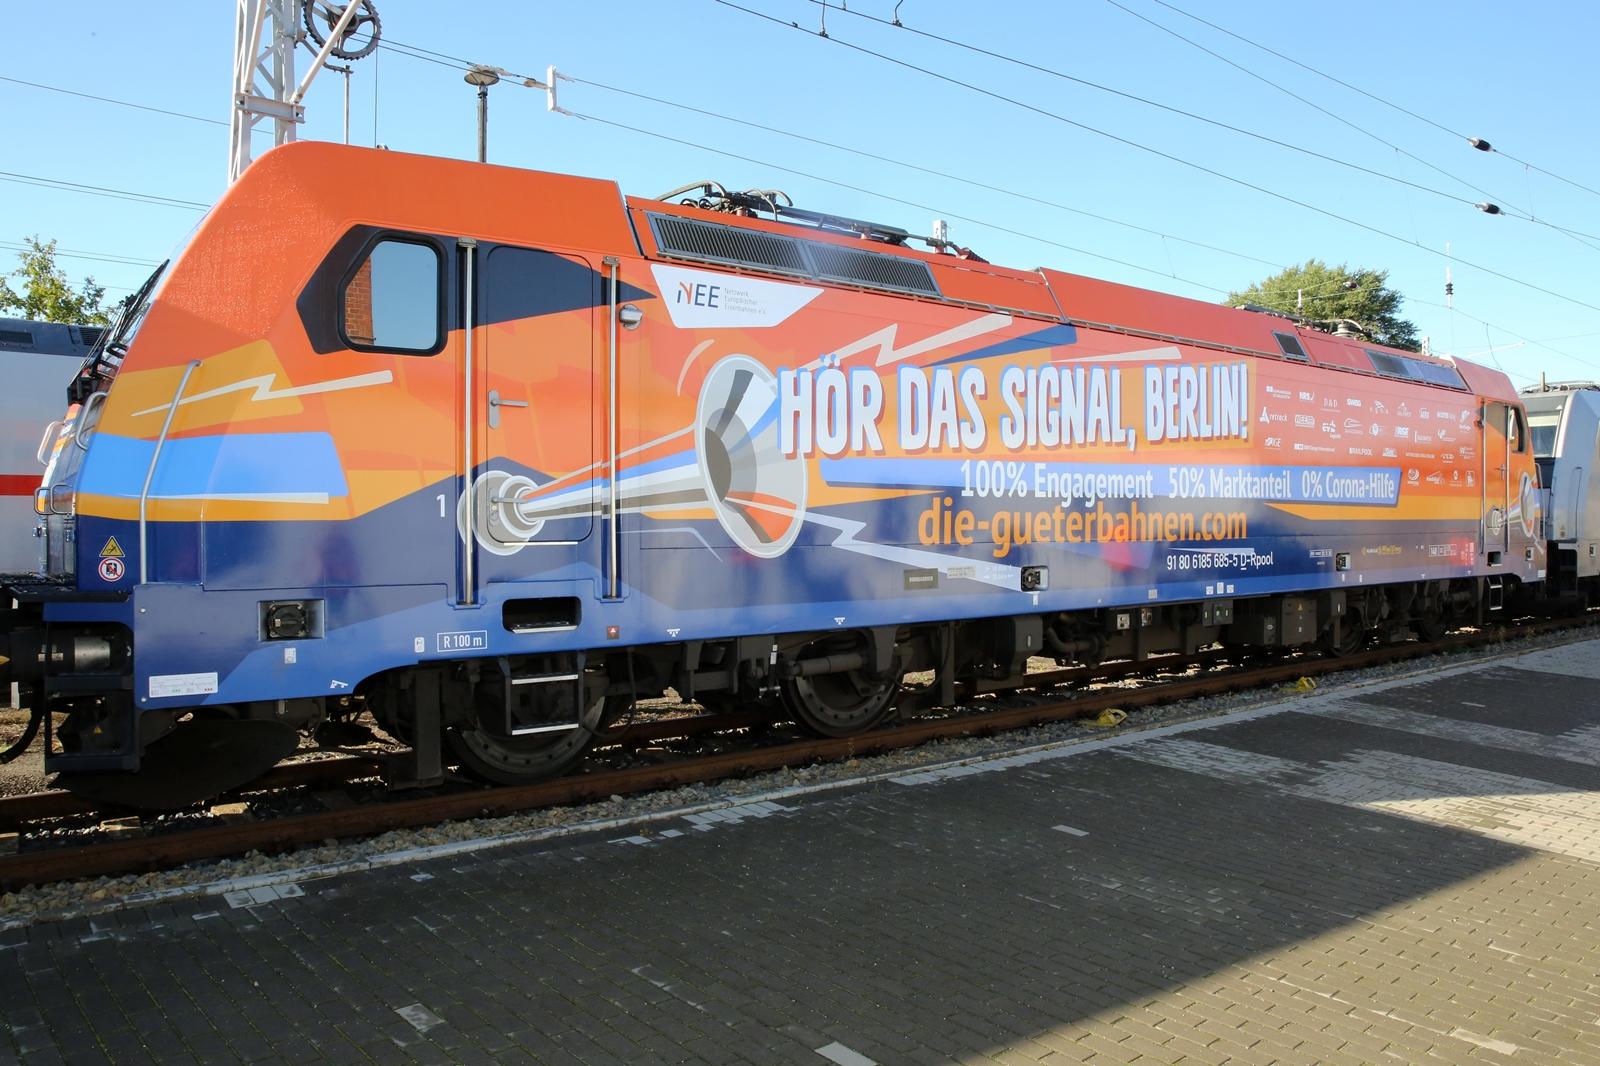 A figyelemfelkeltés érdekében egy mozdony matricát is kapott, melyen a német kormánynak üzentek (kép forrása: netzwerk-bahnen.de)